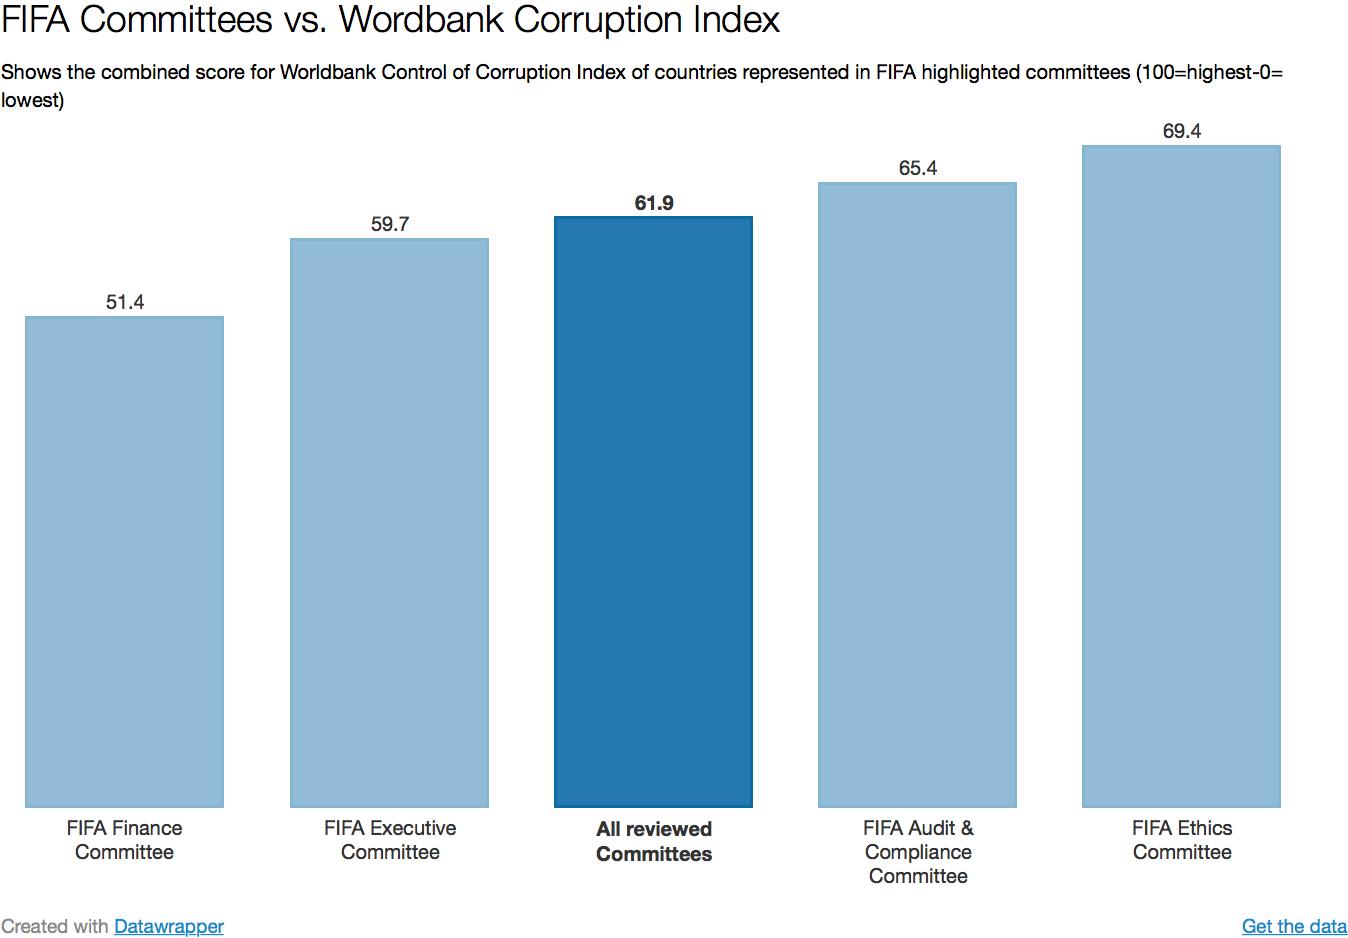 Bron: Aantekeningen in de marge op basis van data FIFA en Wereldbank